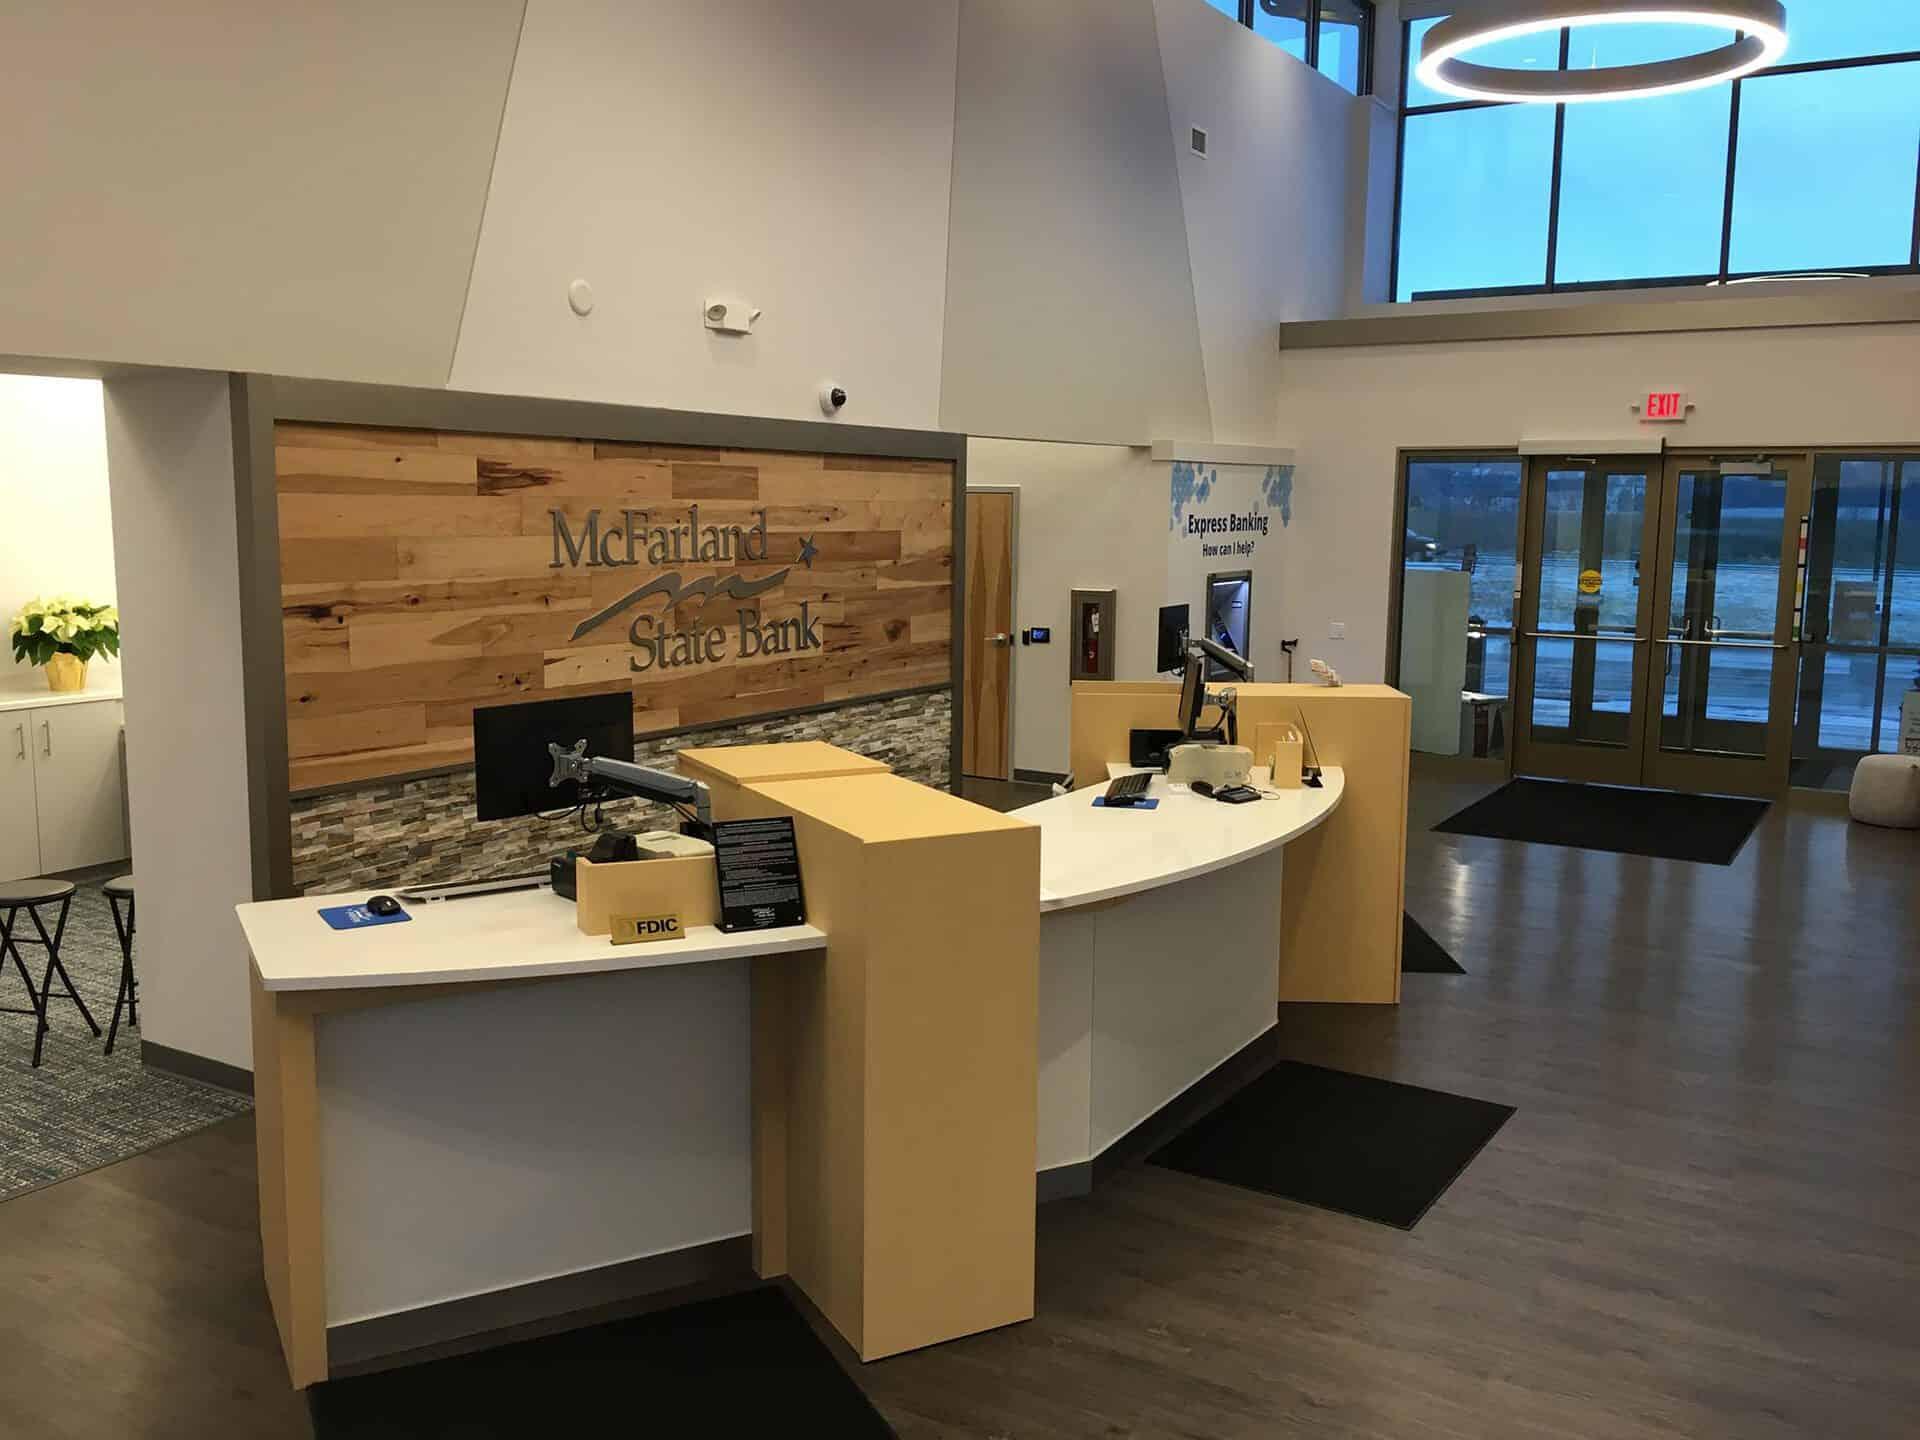 McFarland State Bank front desk